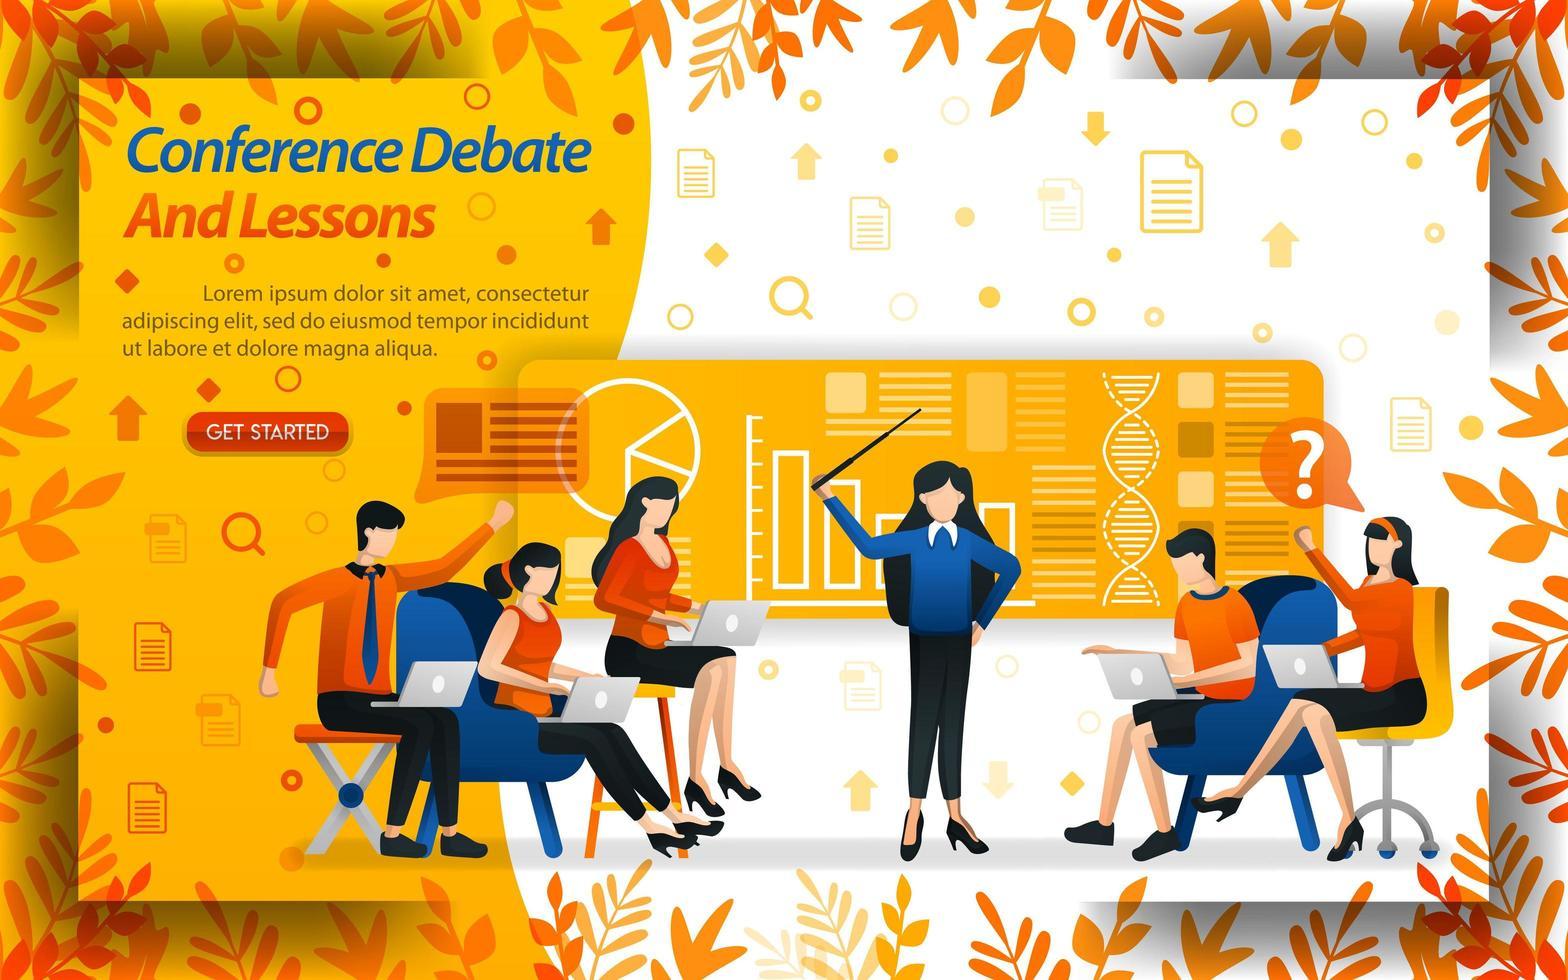 conferencias debate y lecciones. las mujeres que enseñan negocios y los estudiantes están debatiendo, ilustración de vector de concepto. se puede utilizar para la página de destino, plantilla, interfaz de usuario, web, aplicación móvil, póster, banner, folleto, sitio web